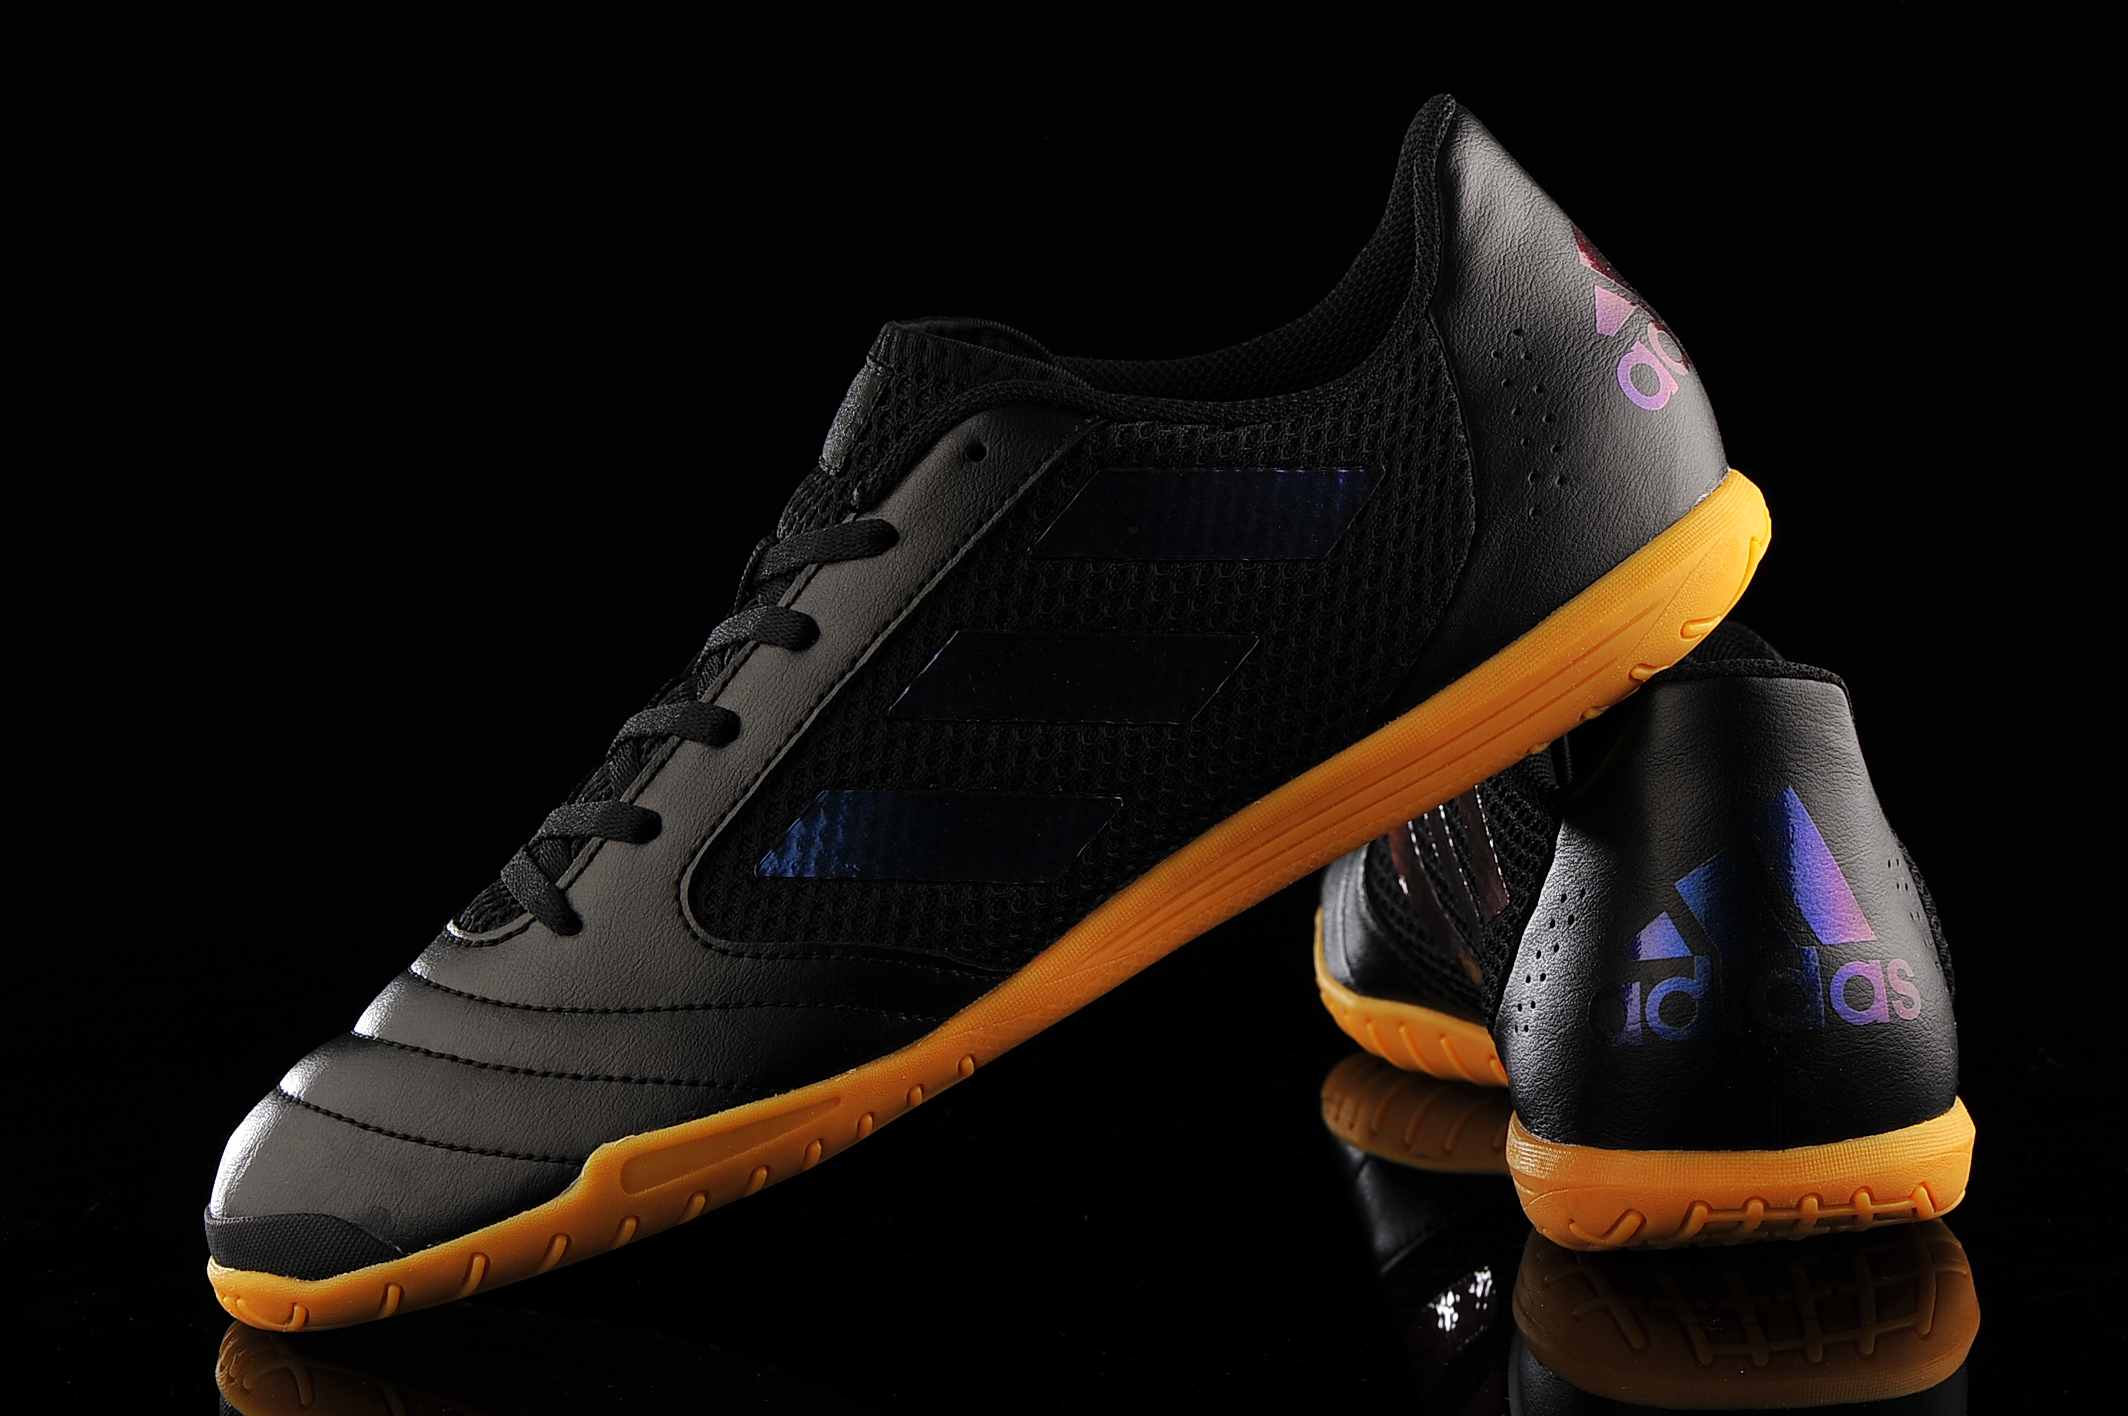 velocidad Dedicación Mentalmente  adidas ACE 17.4 Sala BY1957   R-GOL.com - Football boots & equipment